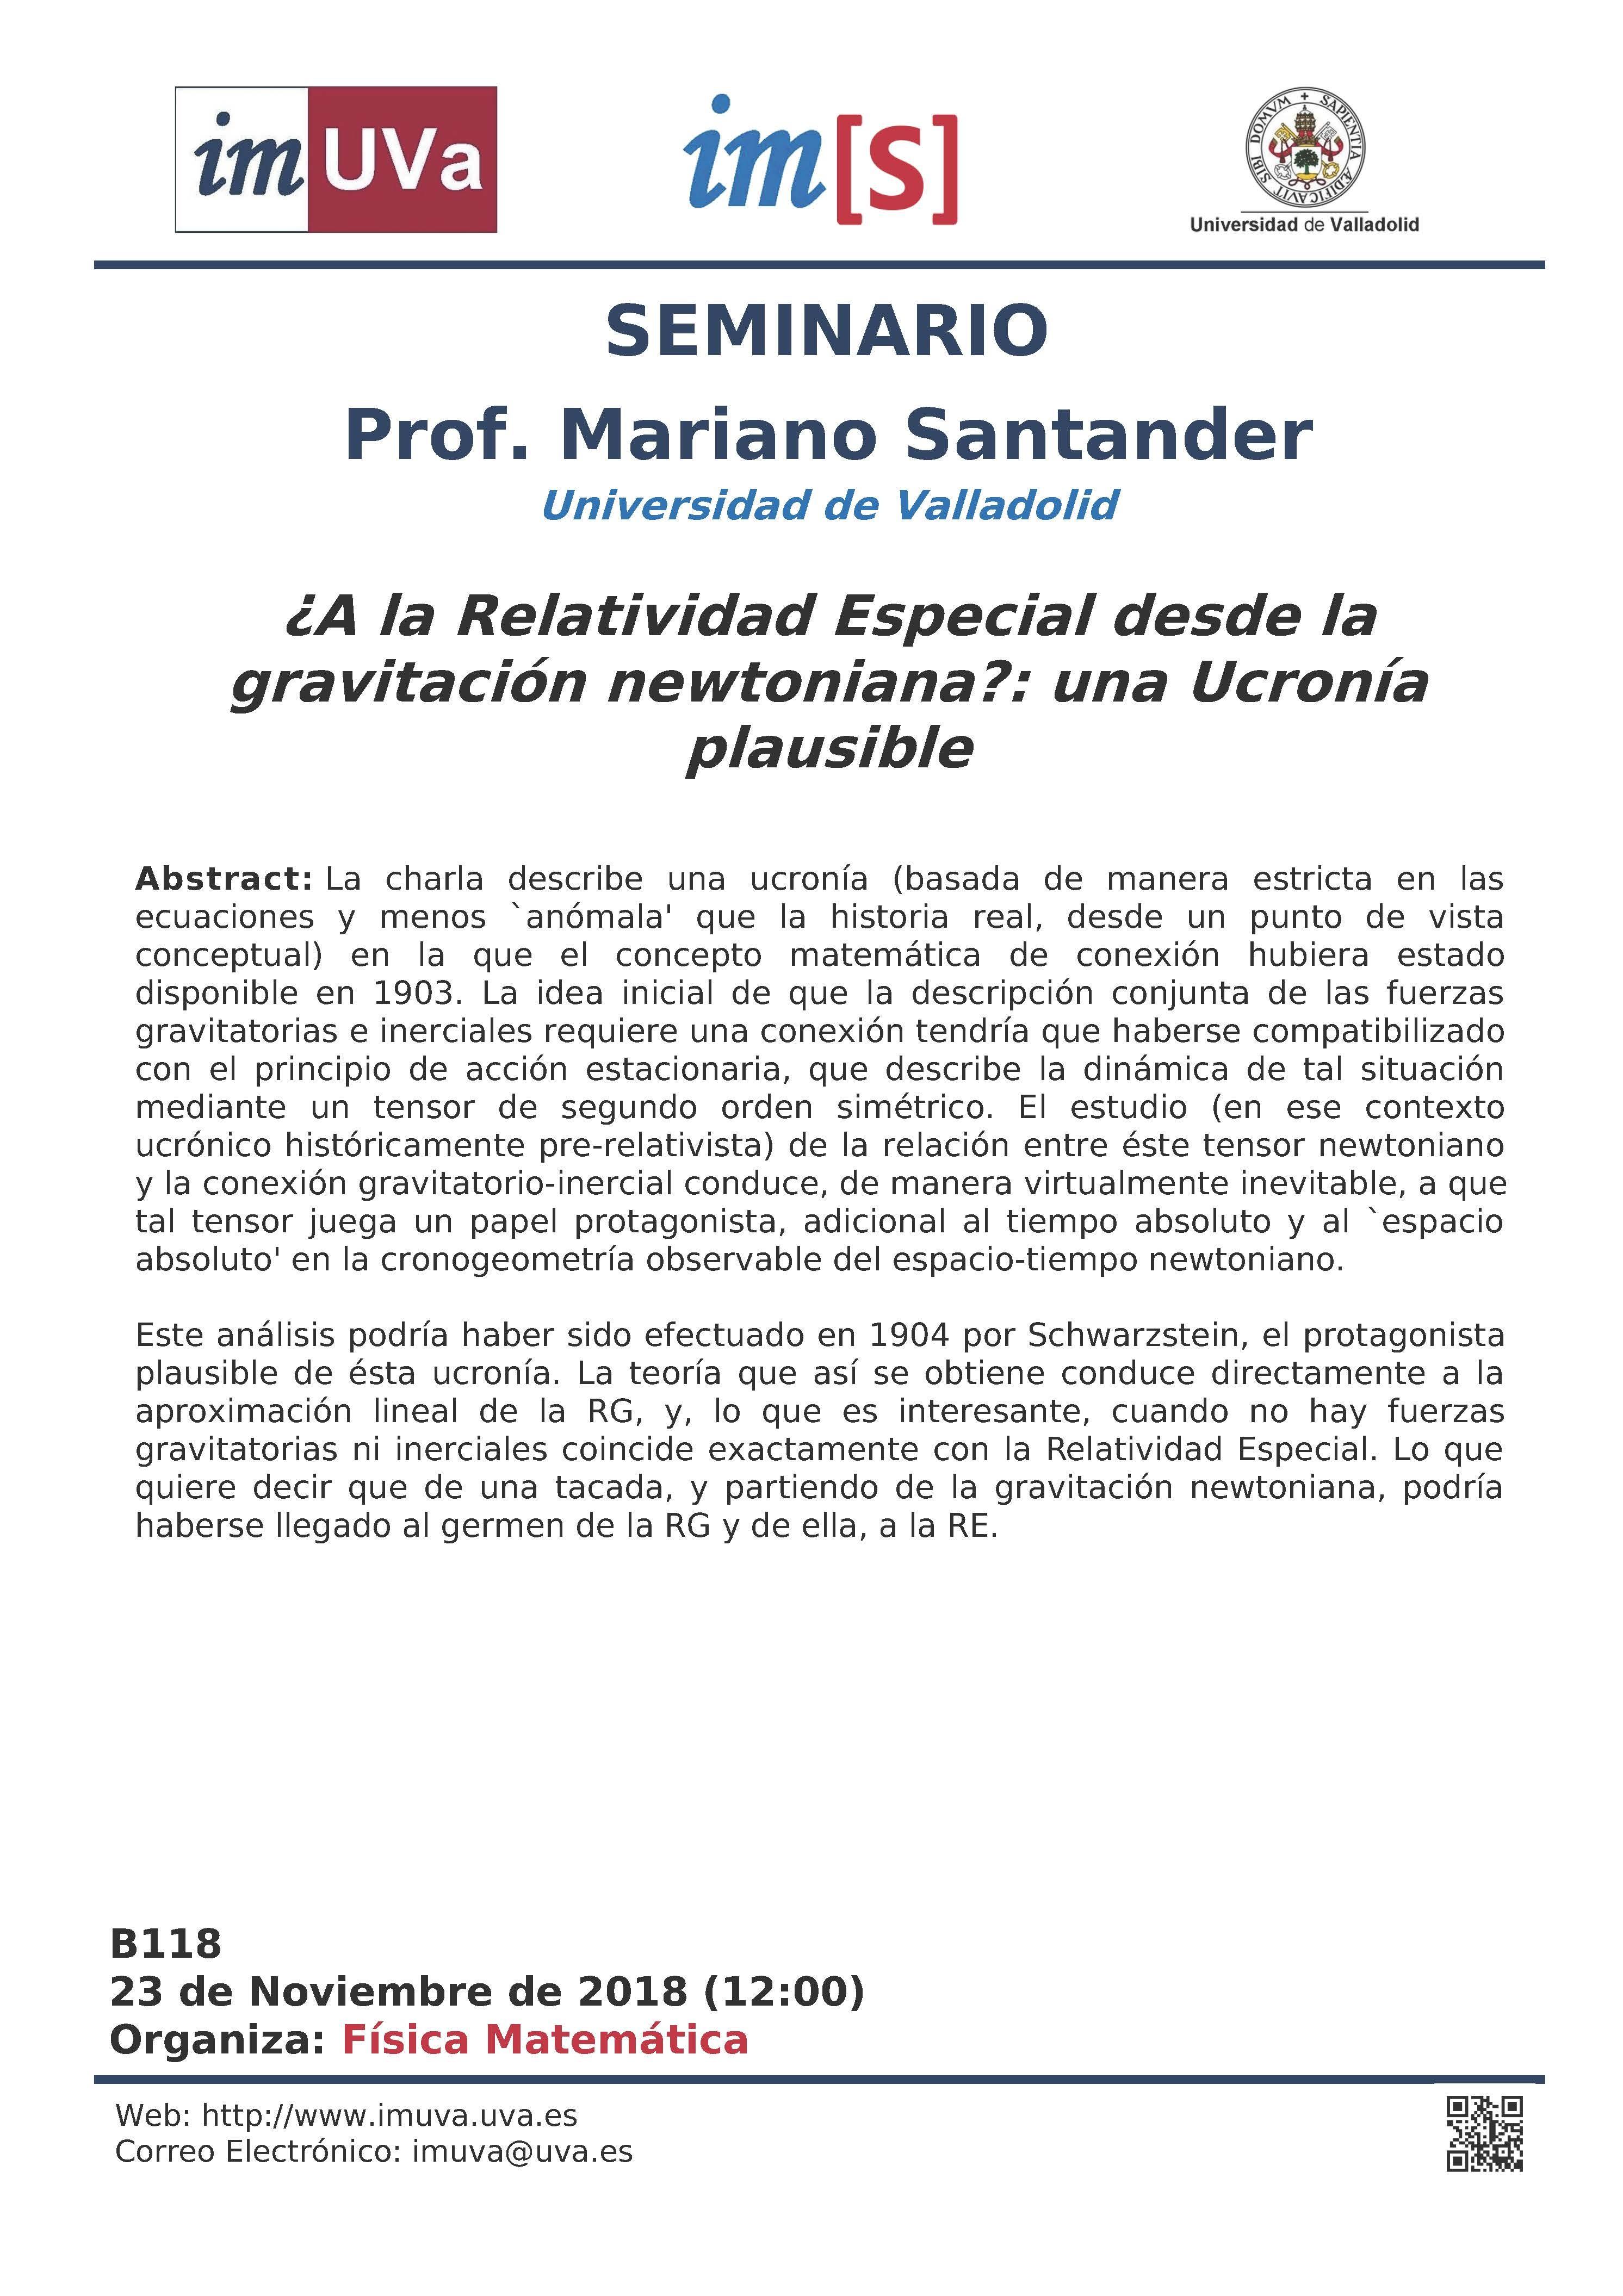 Calendario Enero Febrero 2018 Chile Más Caliente eventos Of Calendario Enero Febrero 2018 Chile Más Actual Determinar Calendario Septiembre 2019 Para Imprimir Mexico